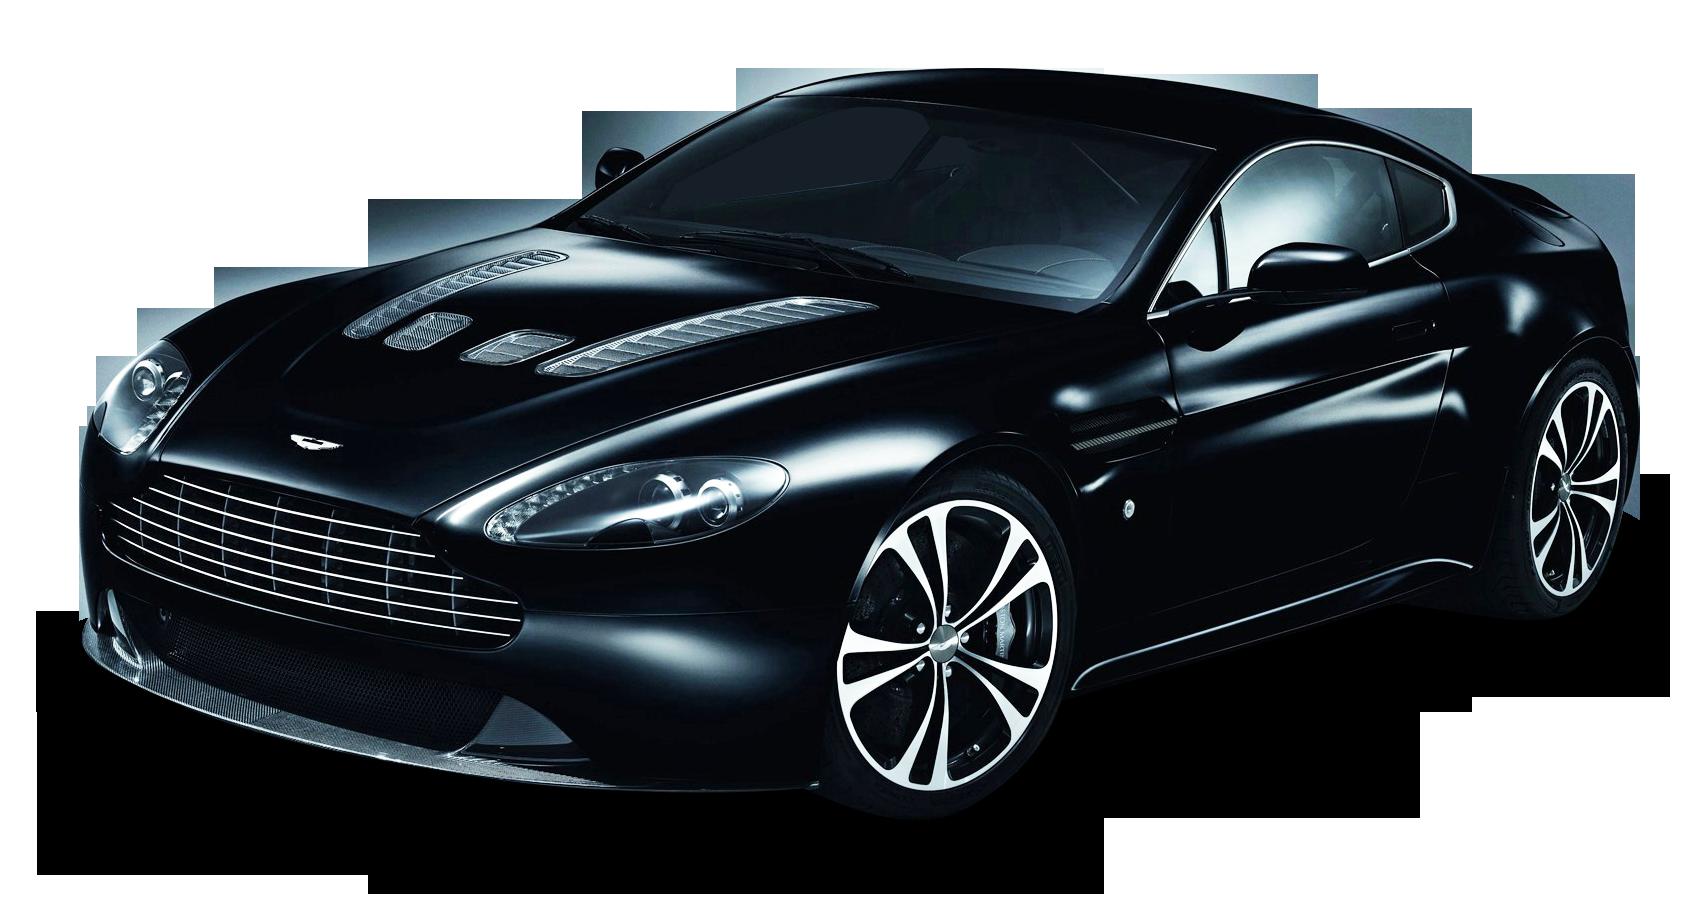 Aston Martin Carbon Black Car PNG Image - PurePNG | Free ...